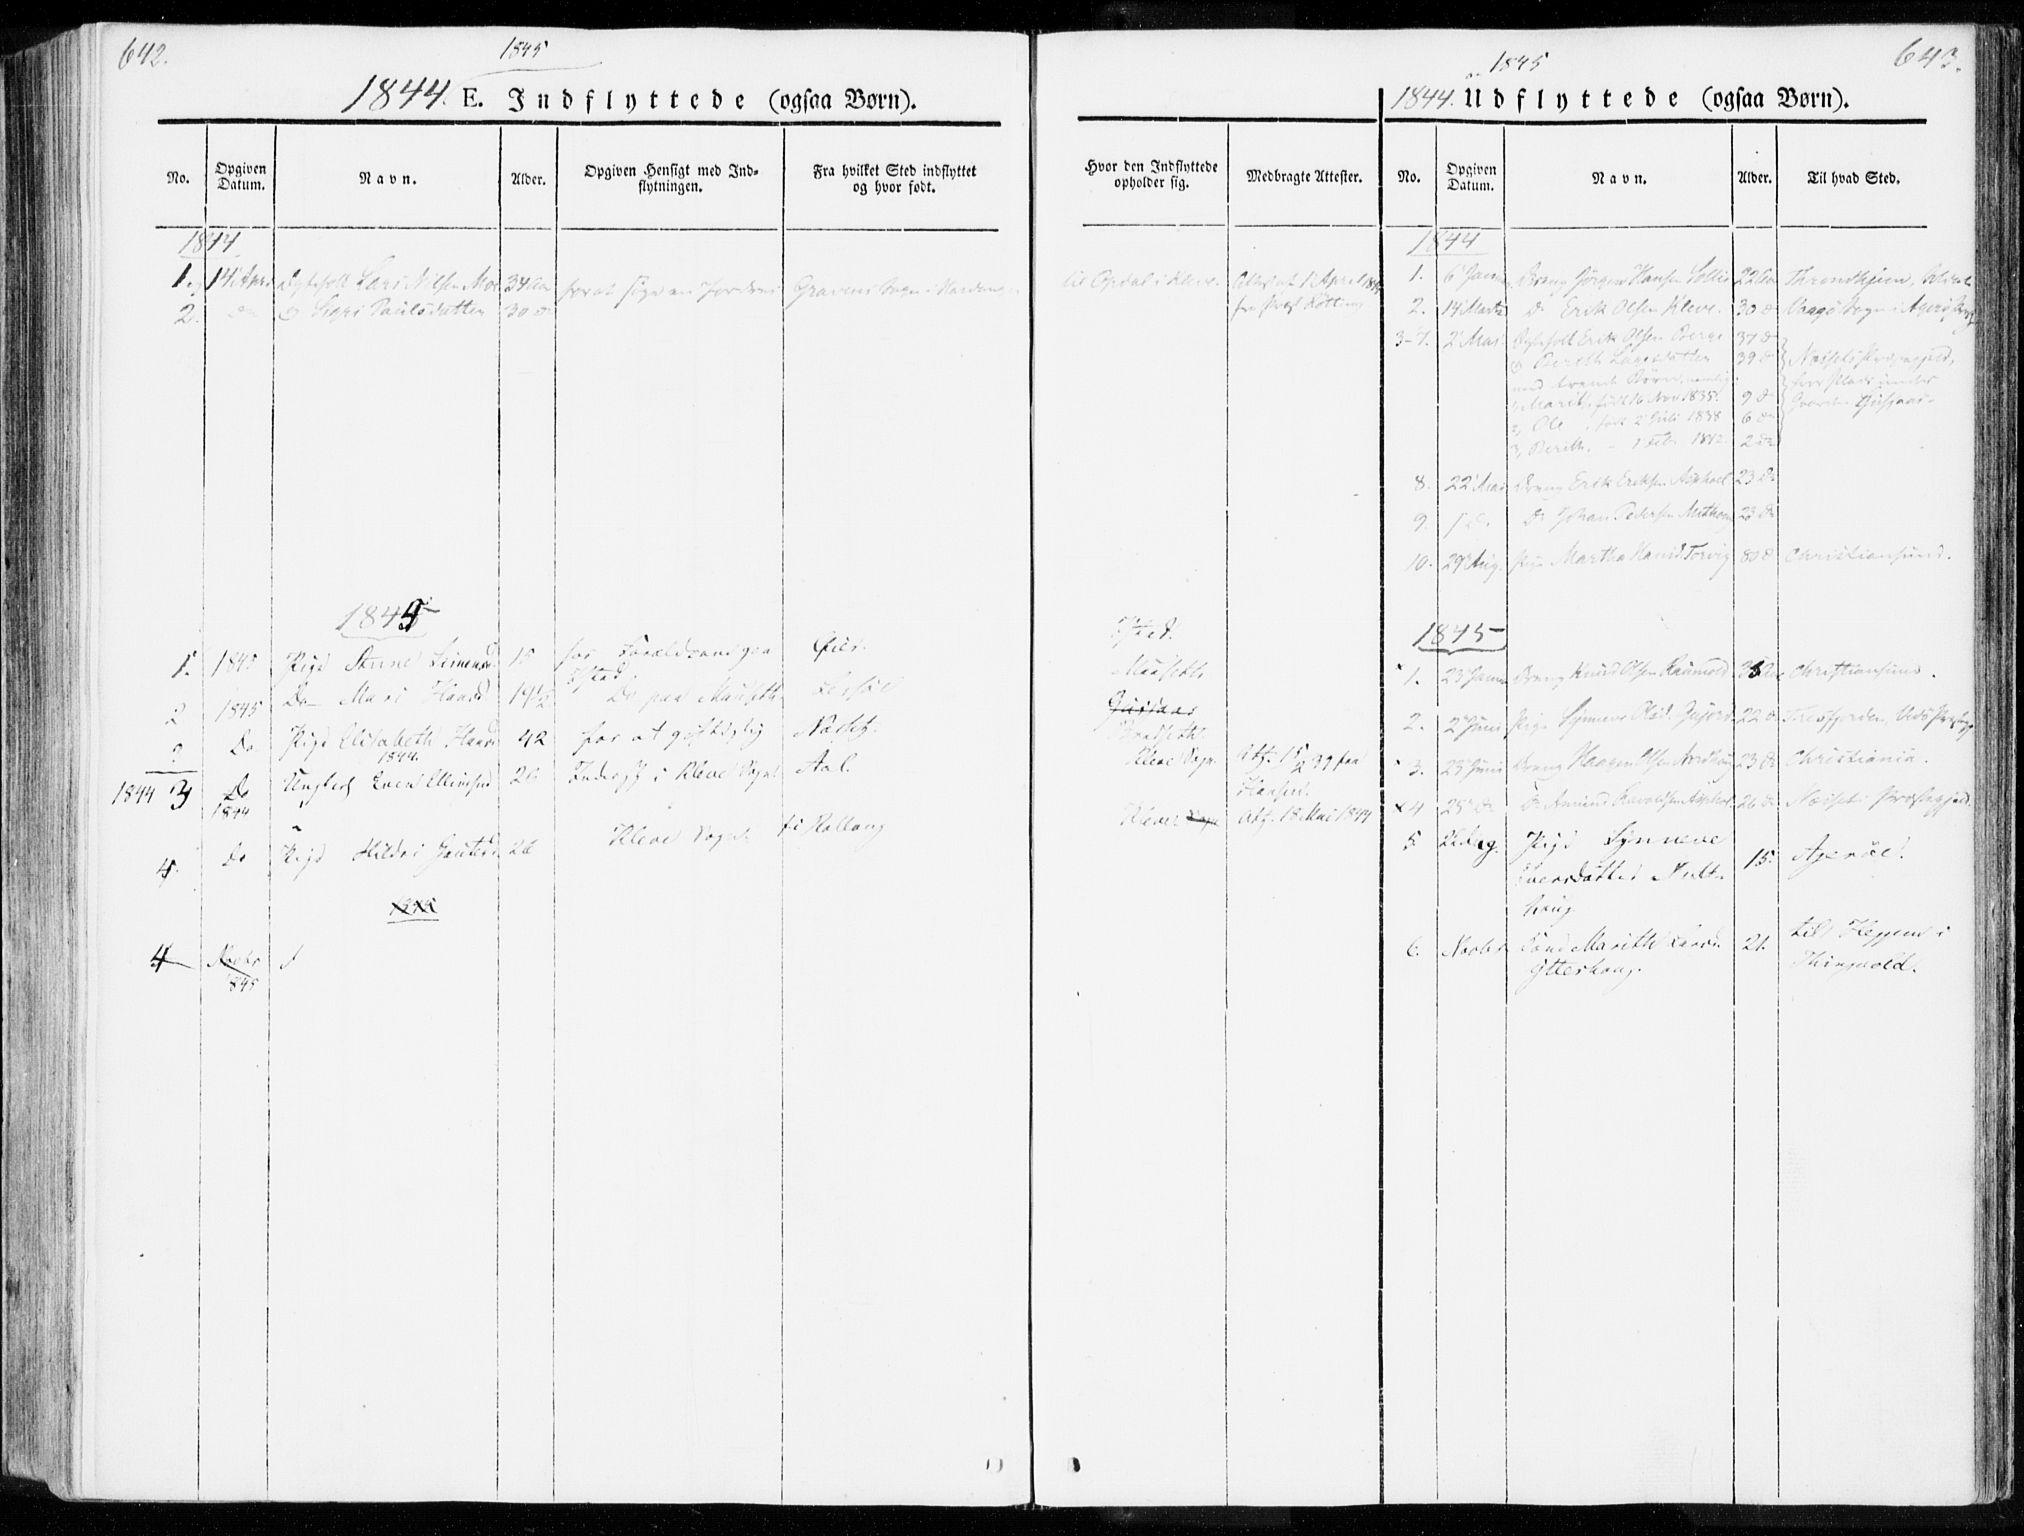 SAT, Ministerialprotokoller, klokkerbøker og fødselsregistre - Møre og Romsdal, 557/L0680: Ministerialbok nr. 557A02, 1843-1869, s. 642-643